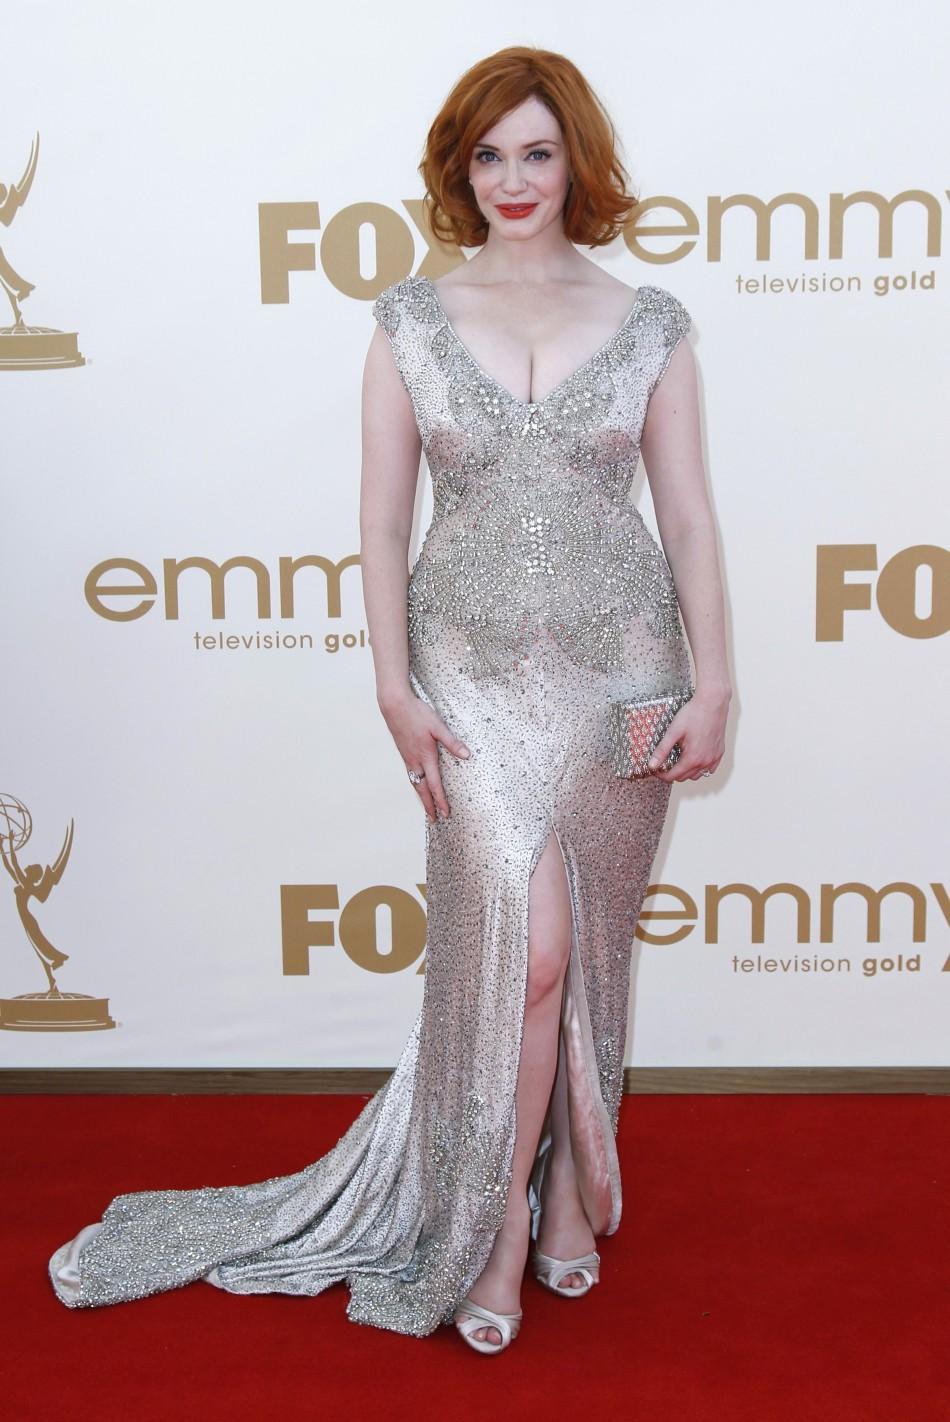 Actress Christina Hendricks